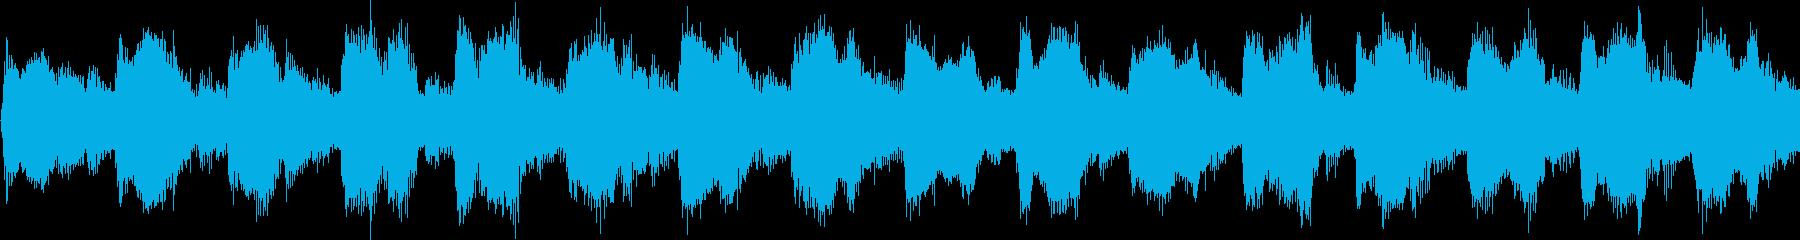 コミカルな子供っぽいジングル(ループ)の再生済みの波形